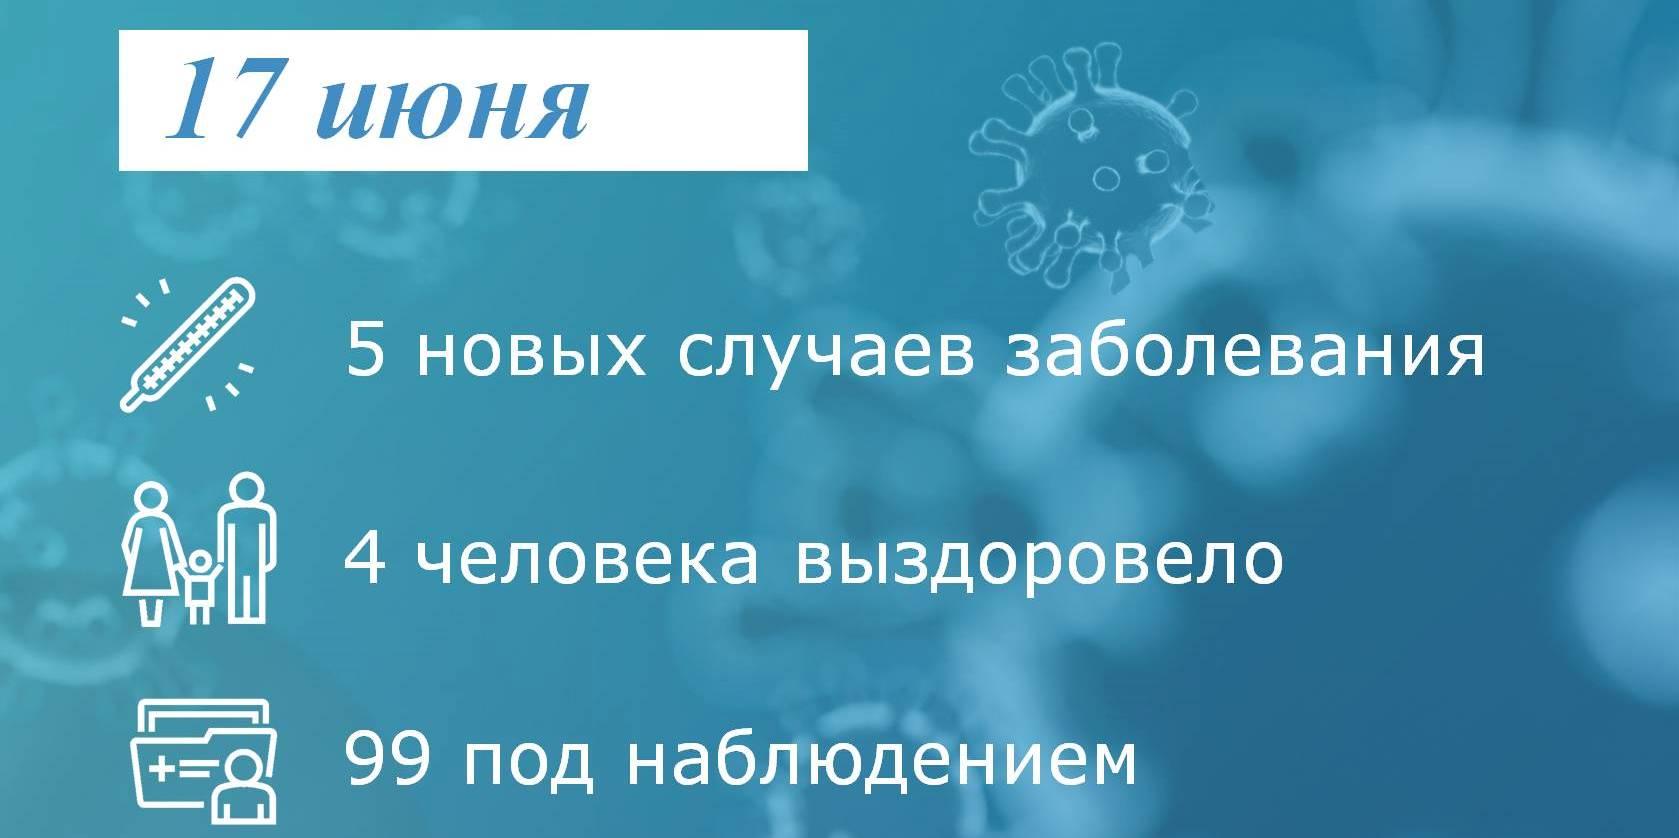 Коронавирус: в Таганроге заболели пять человек